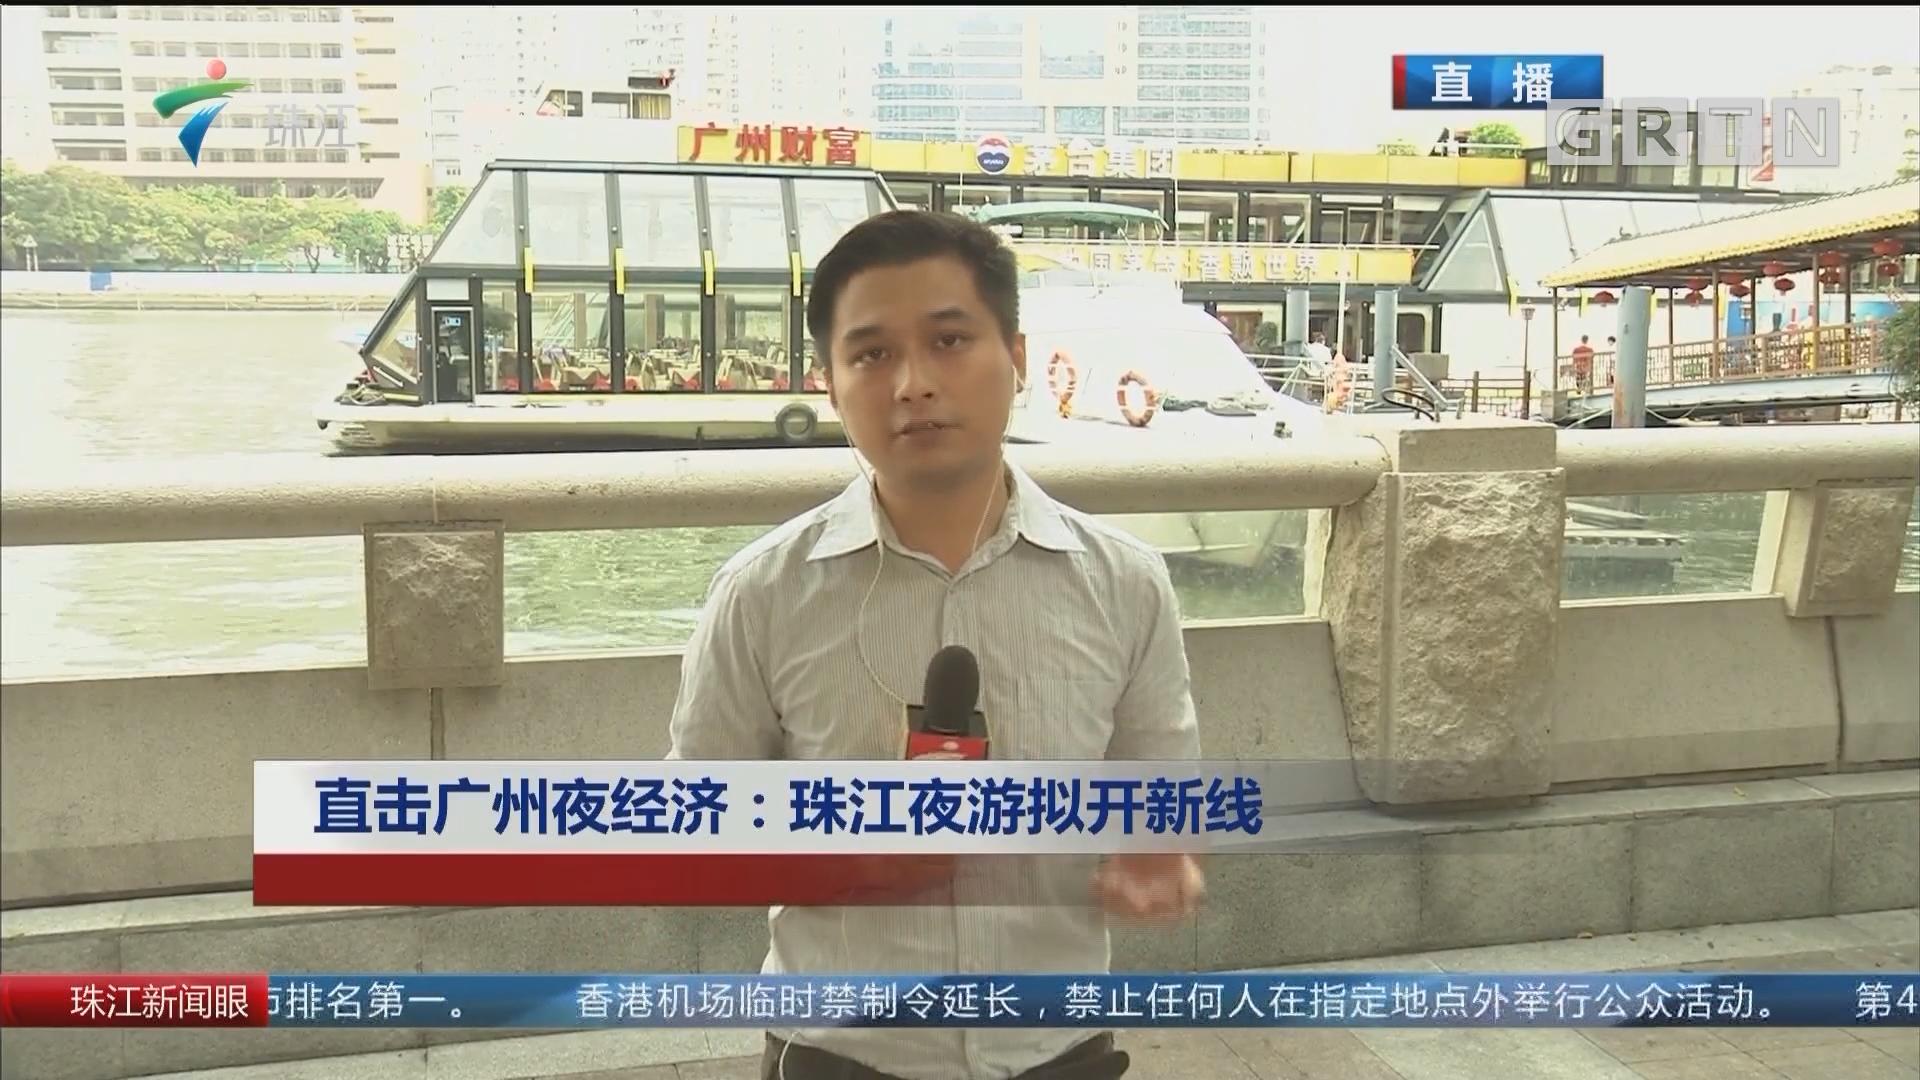 直击广州夜经济:珠江夜游拟开新线